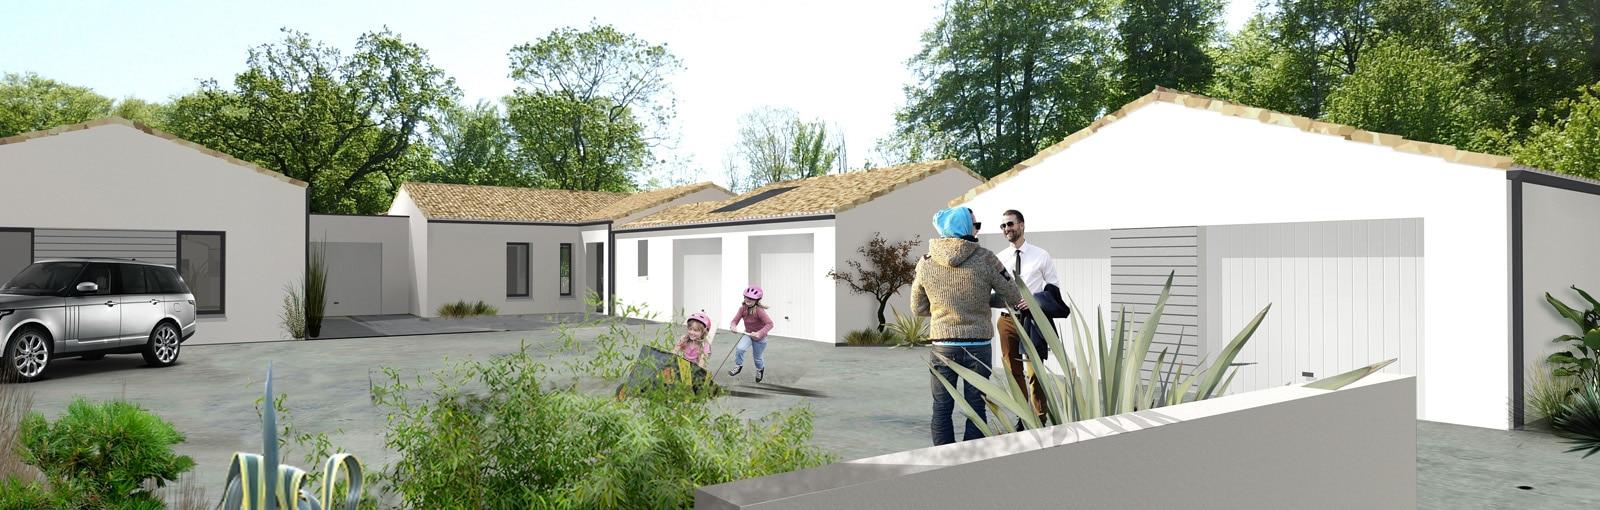 Maisons neuves DURET PROMOTEUR CHALLANS_1600x510